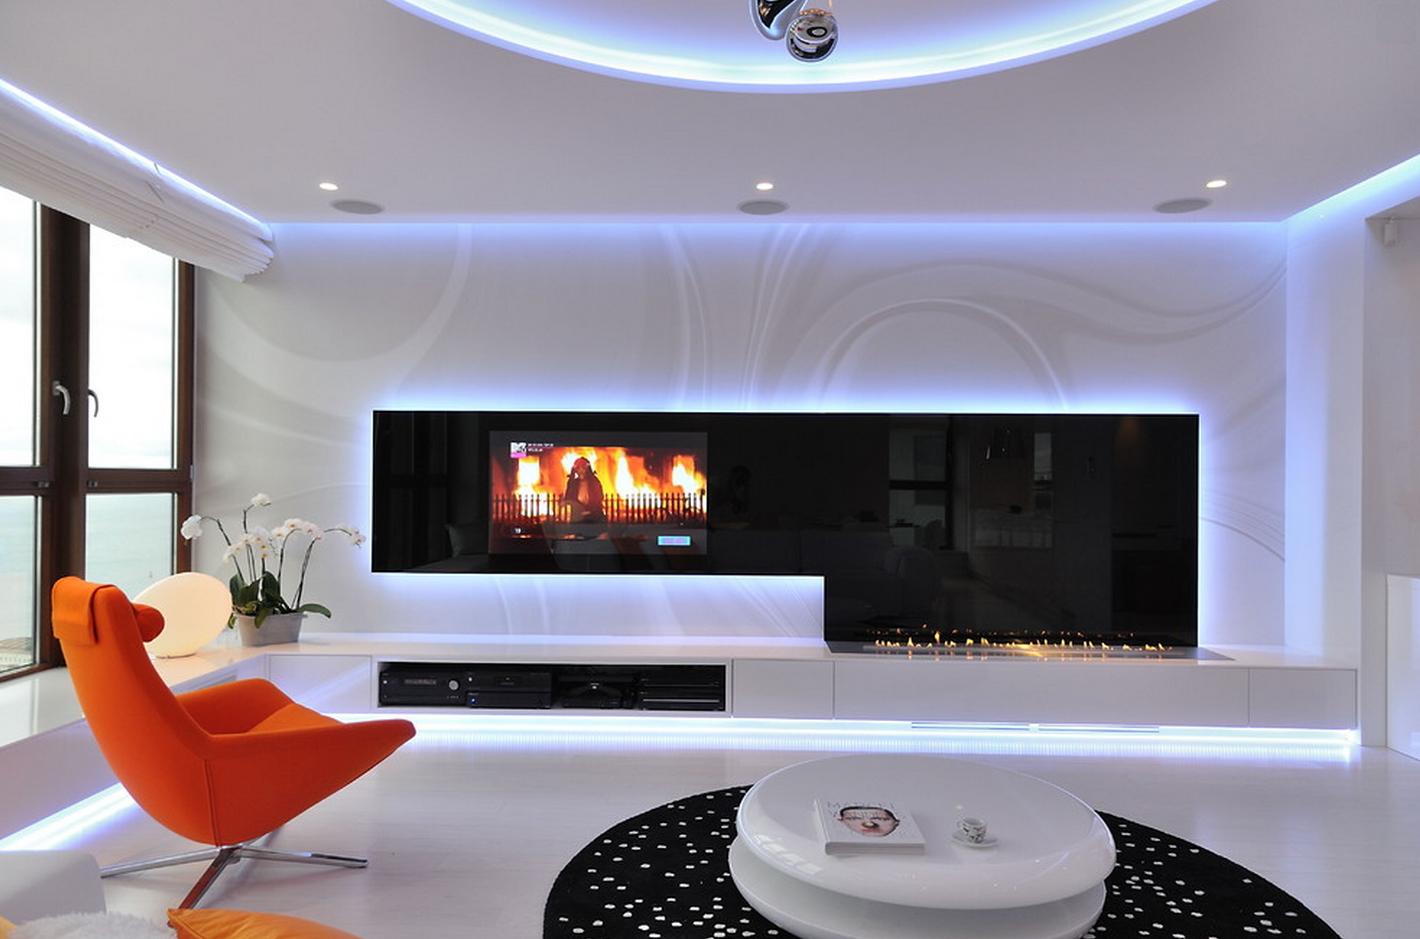 Телевизор в квартирном интерьере: советы по размещению